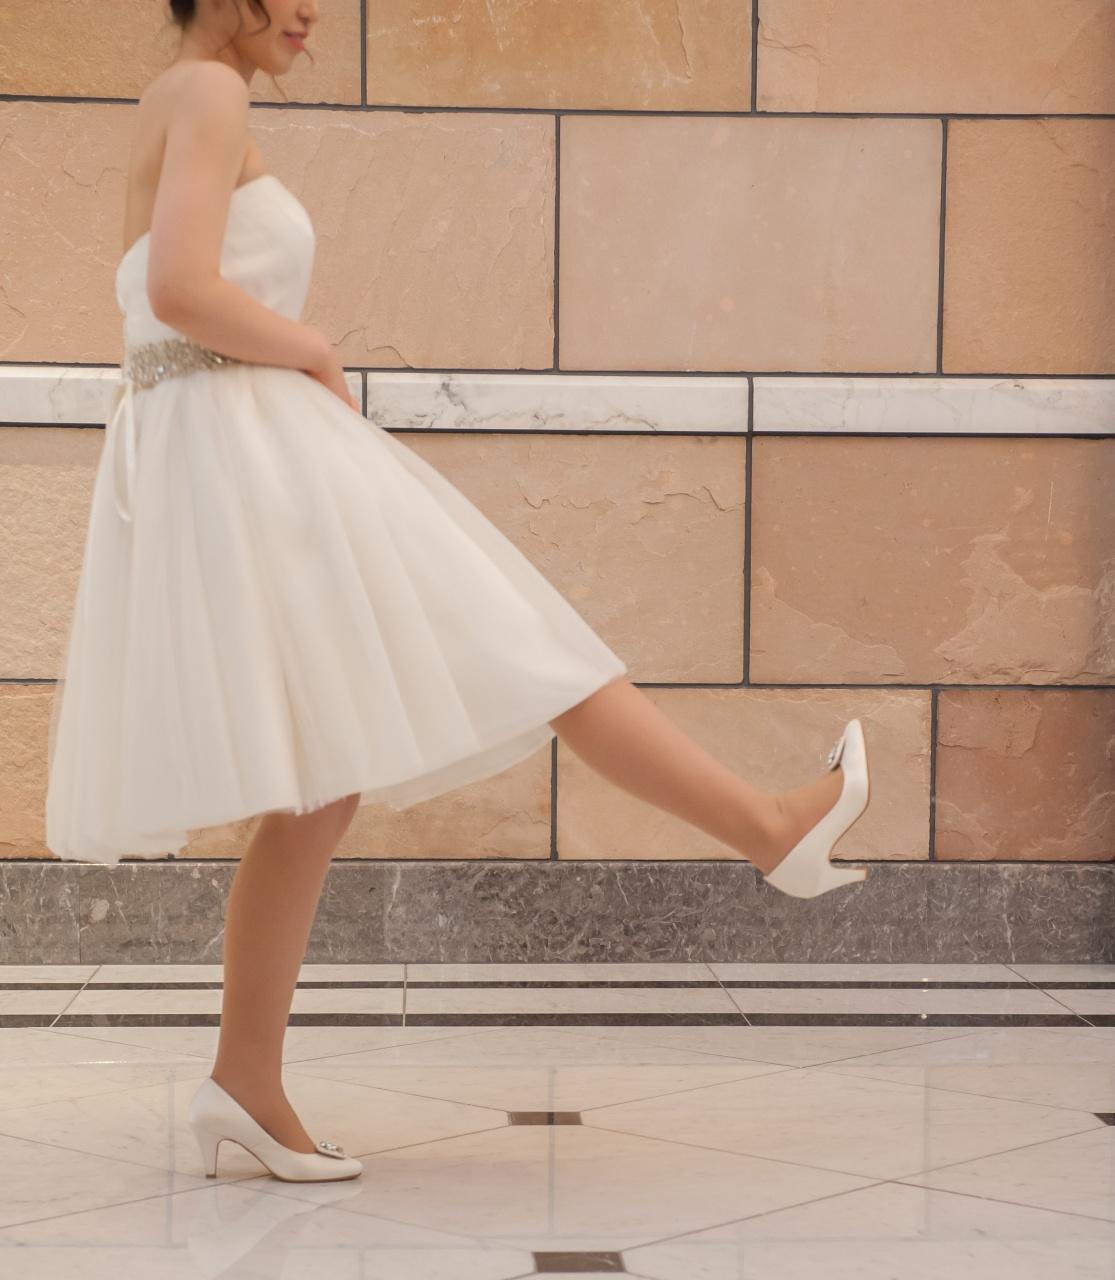 ドレス 歩き方 間違い 蹴る ホワイト ウェディング ブライダル 足 足元